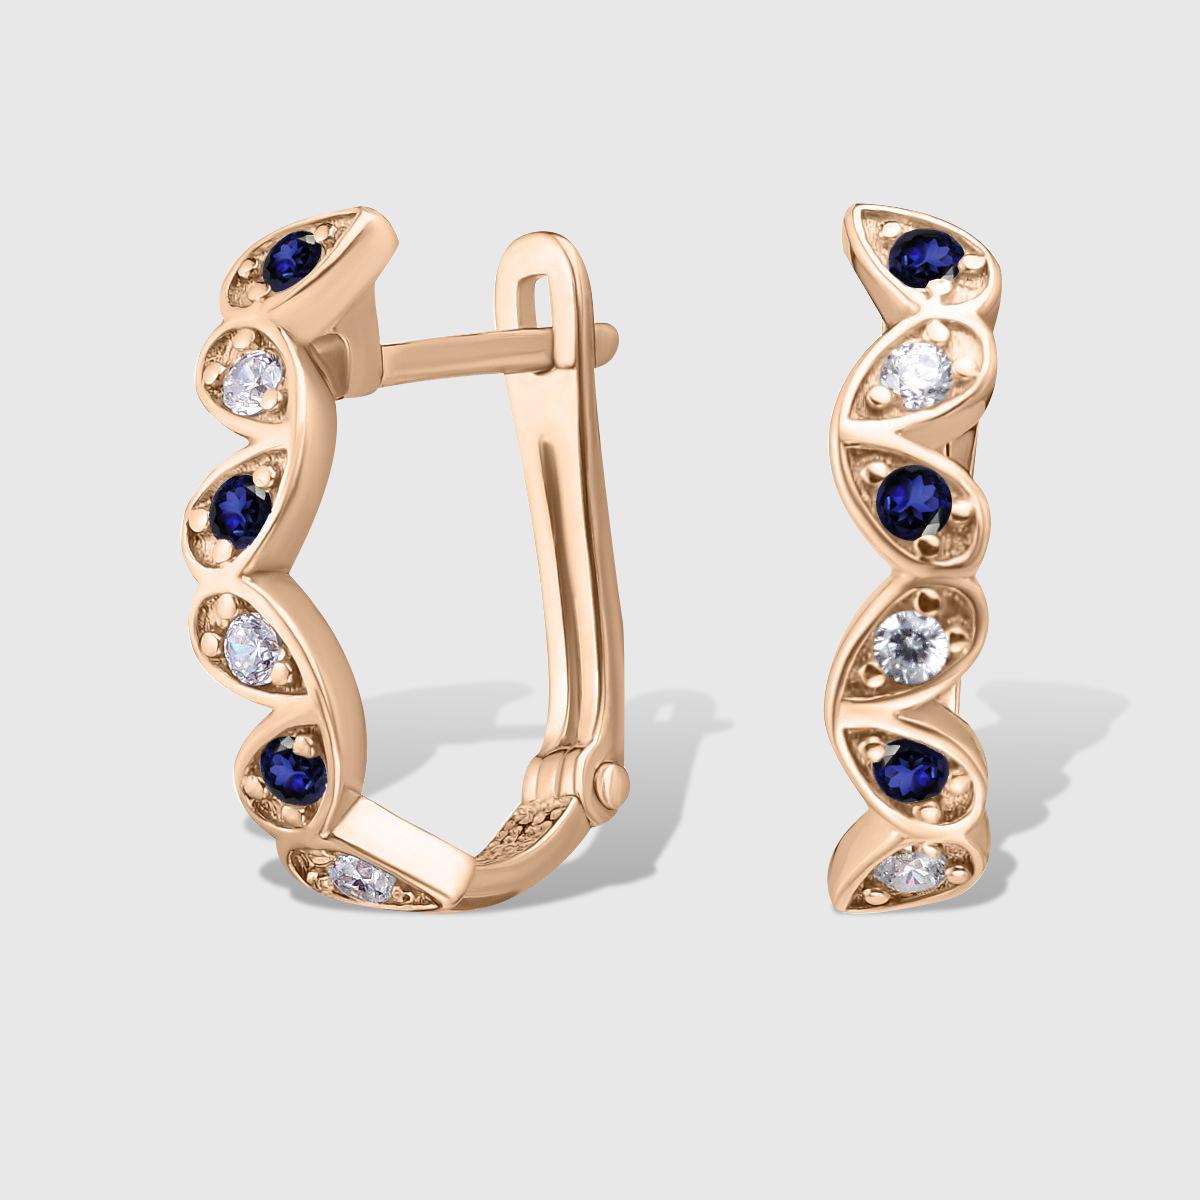 Сережки з сапфіром та діамантами 'Petals'